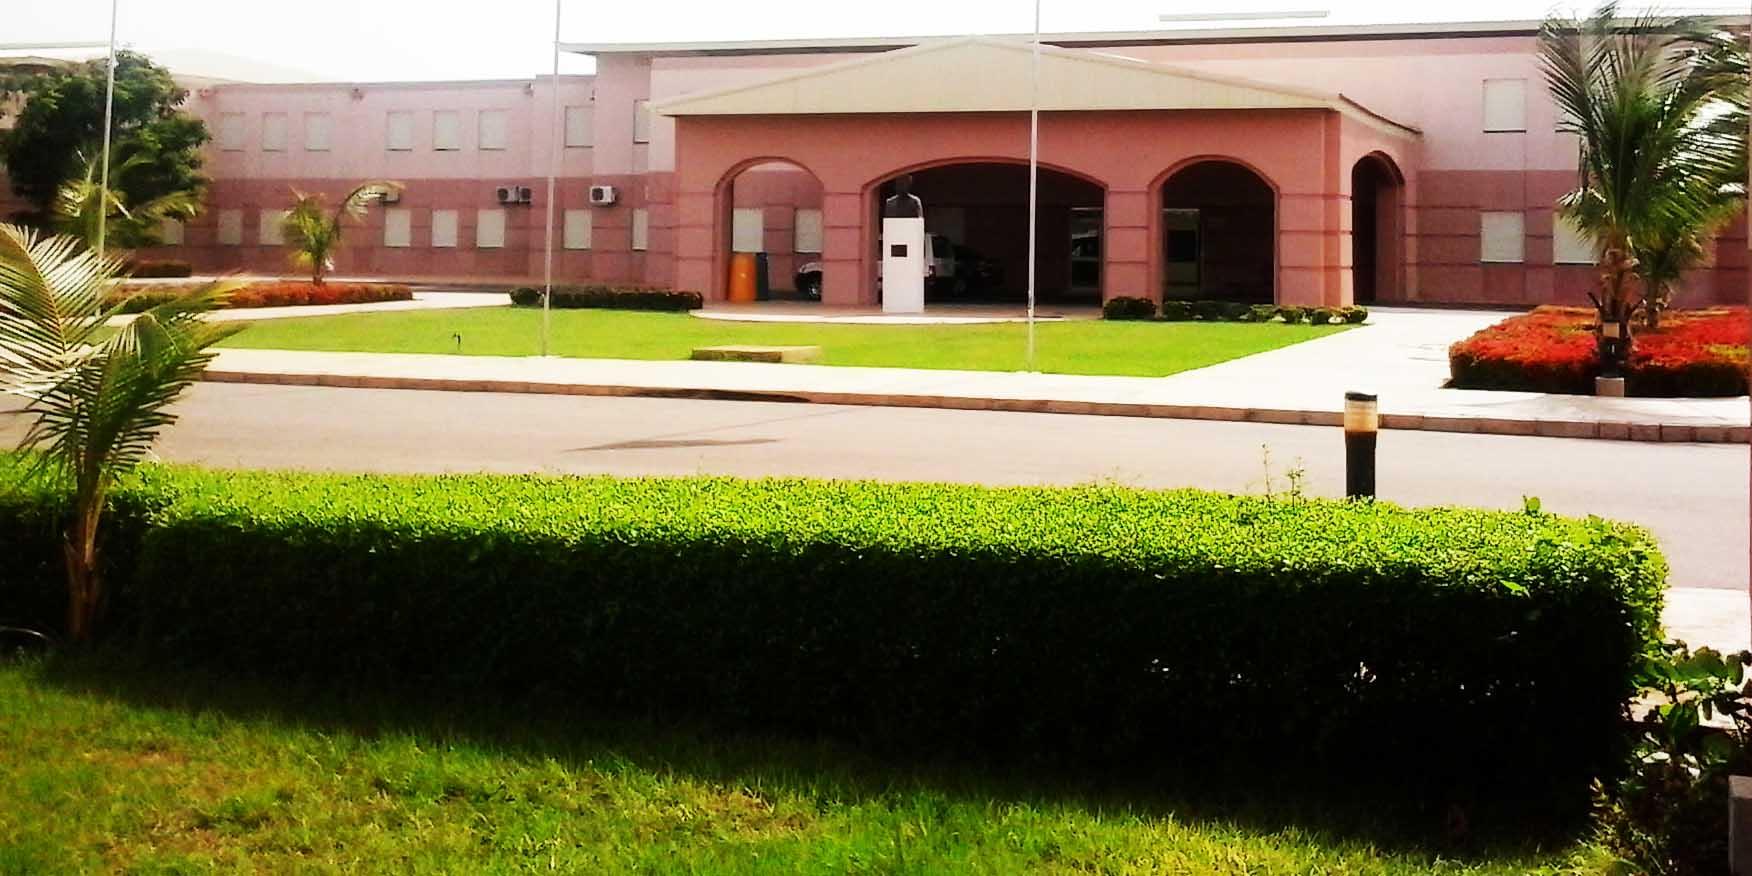 Conseil des ministres : l'hôpital Blaise Compaore rebaptisé centre hospitalier universitaire de tengandogo.